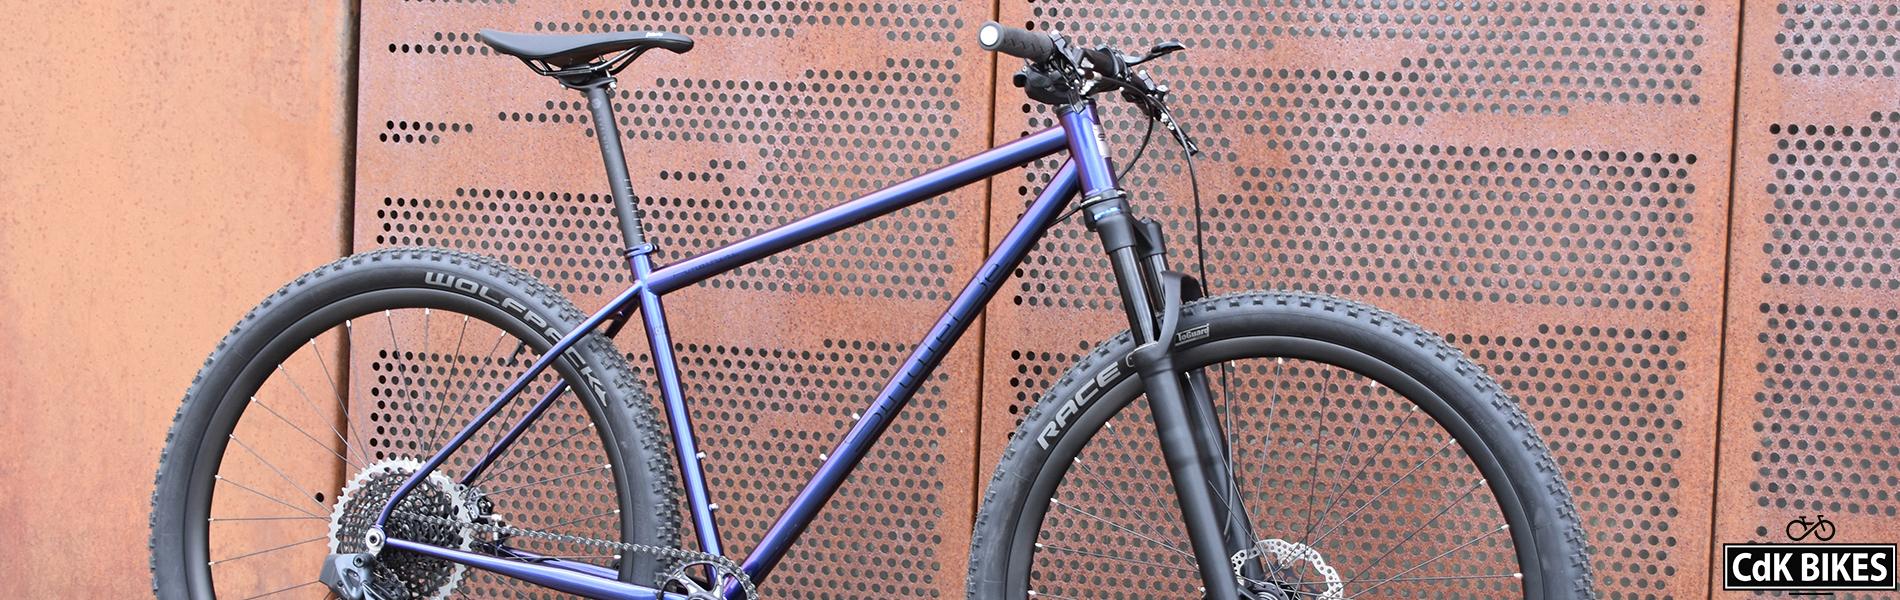 CdK Bikes voor alle soorten fietsen